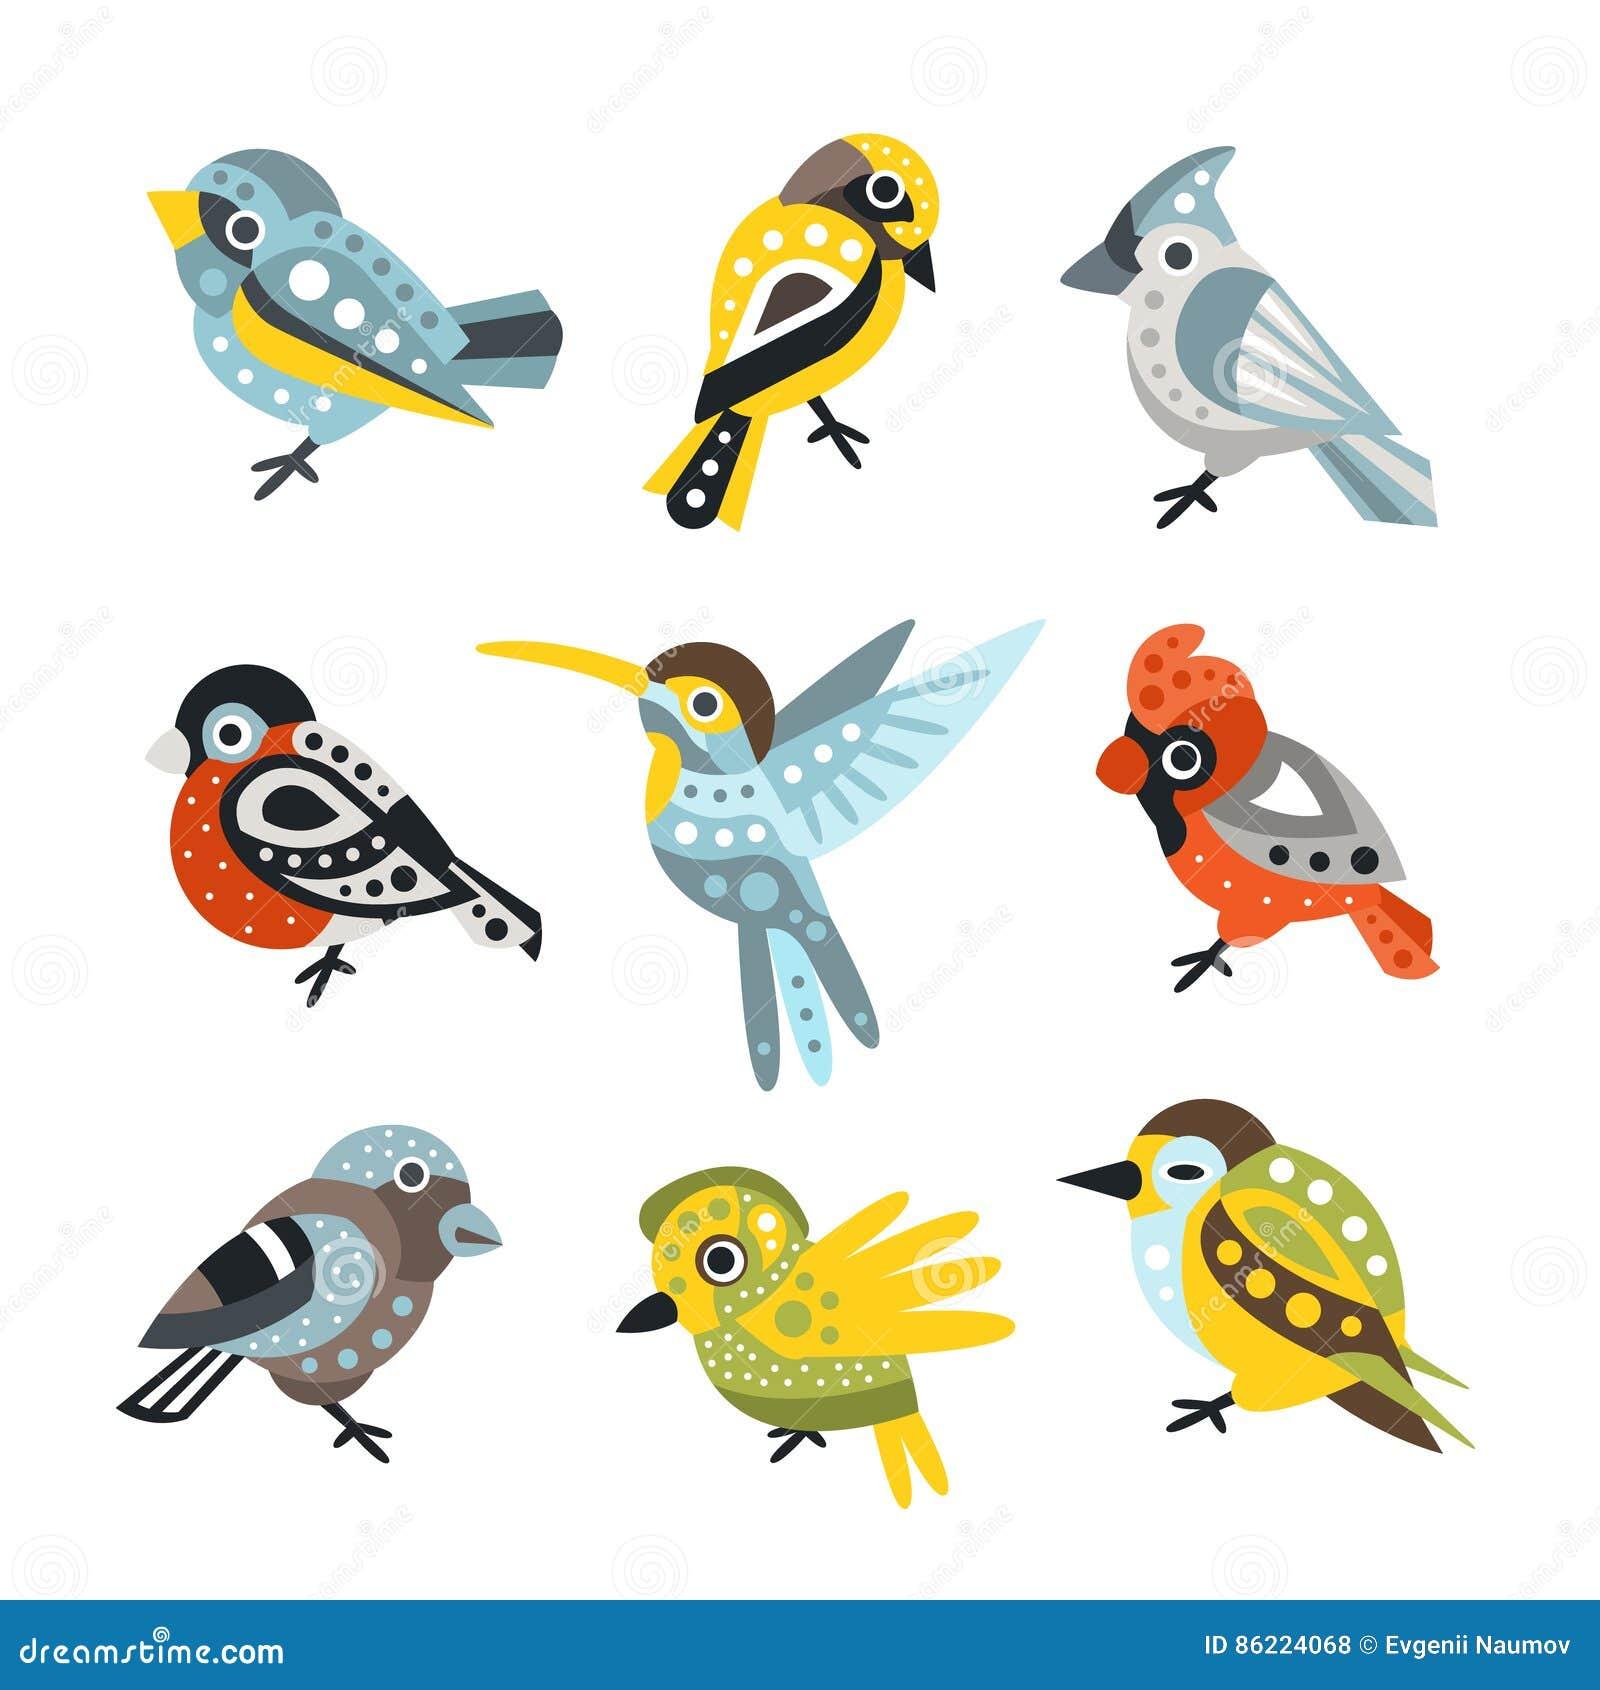 Малые виды птиц, воробьи и колибри установленные декоративных художнических иллюстраций вектора диких животных дизайна